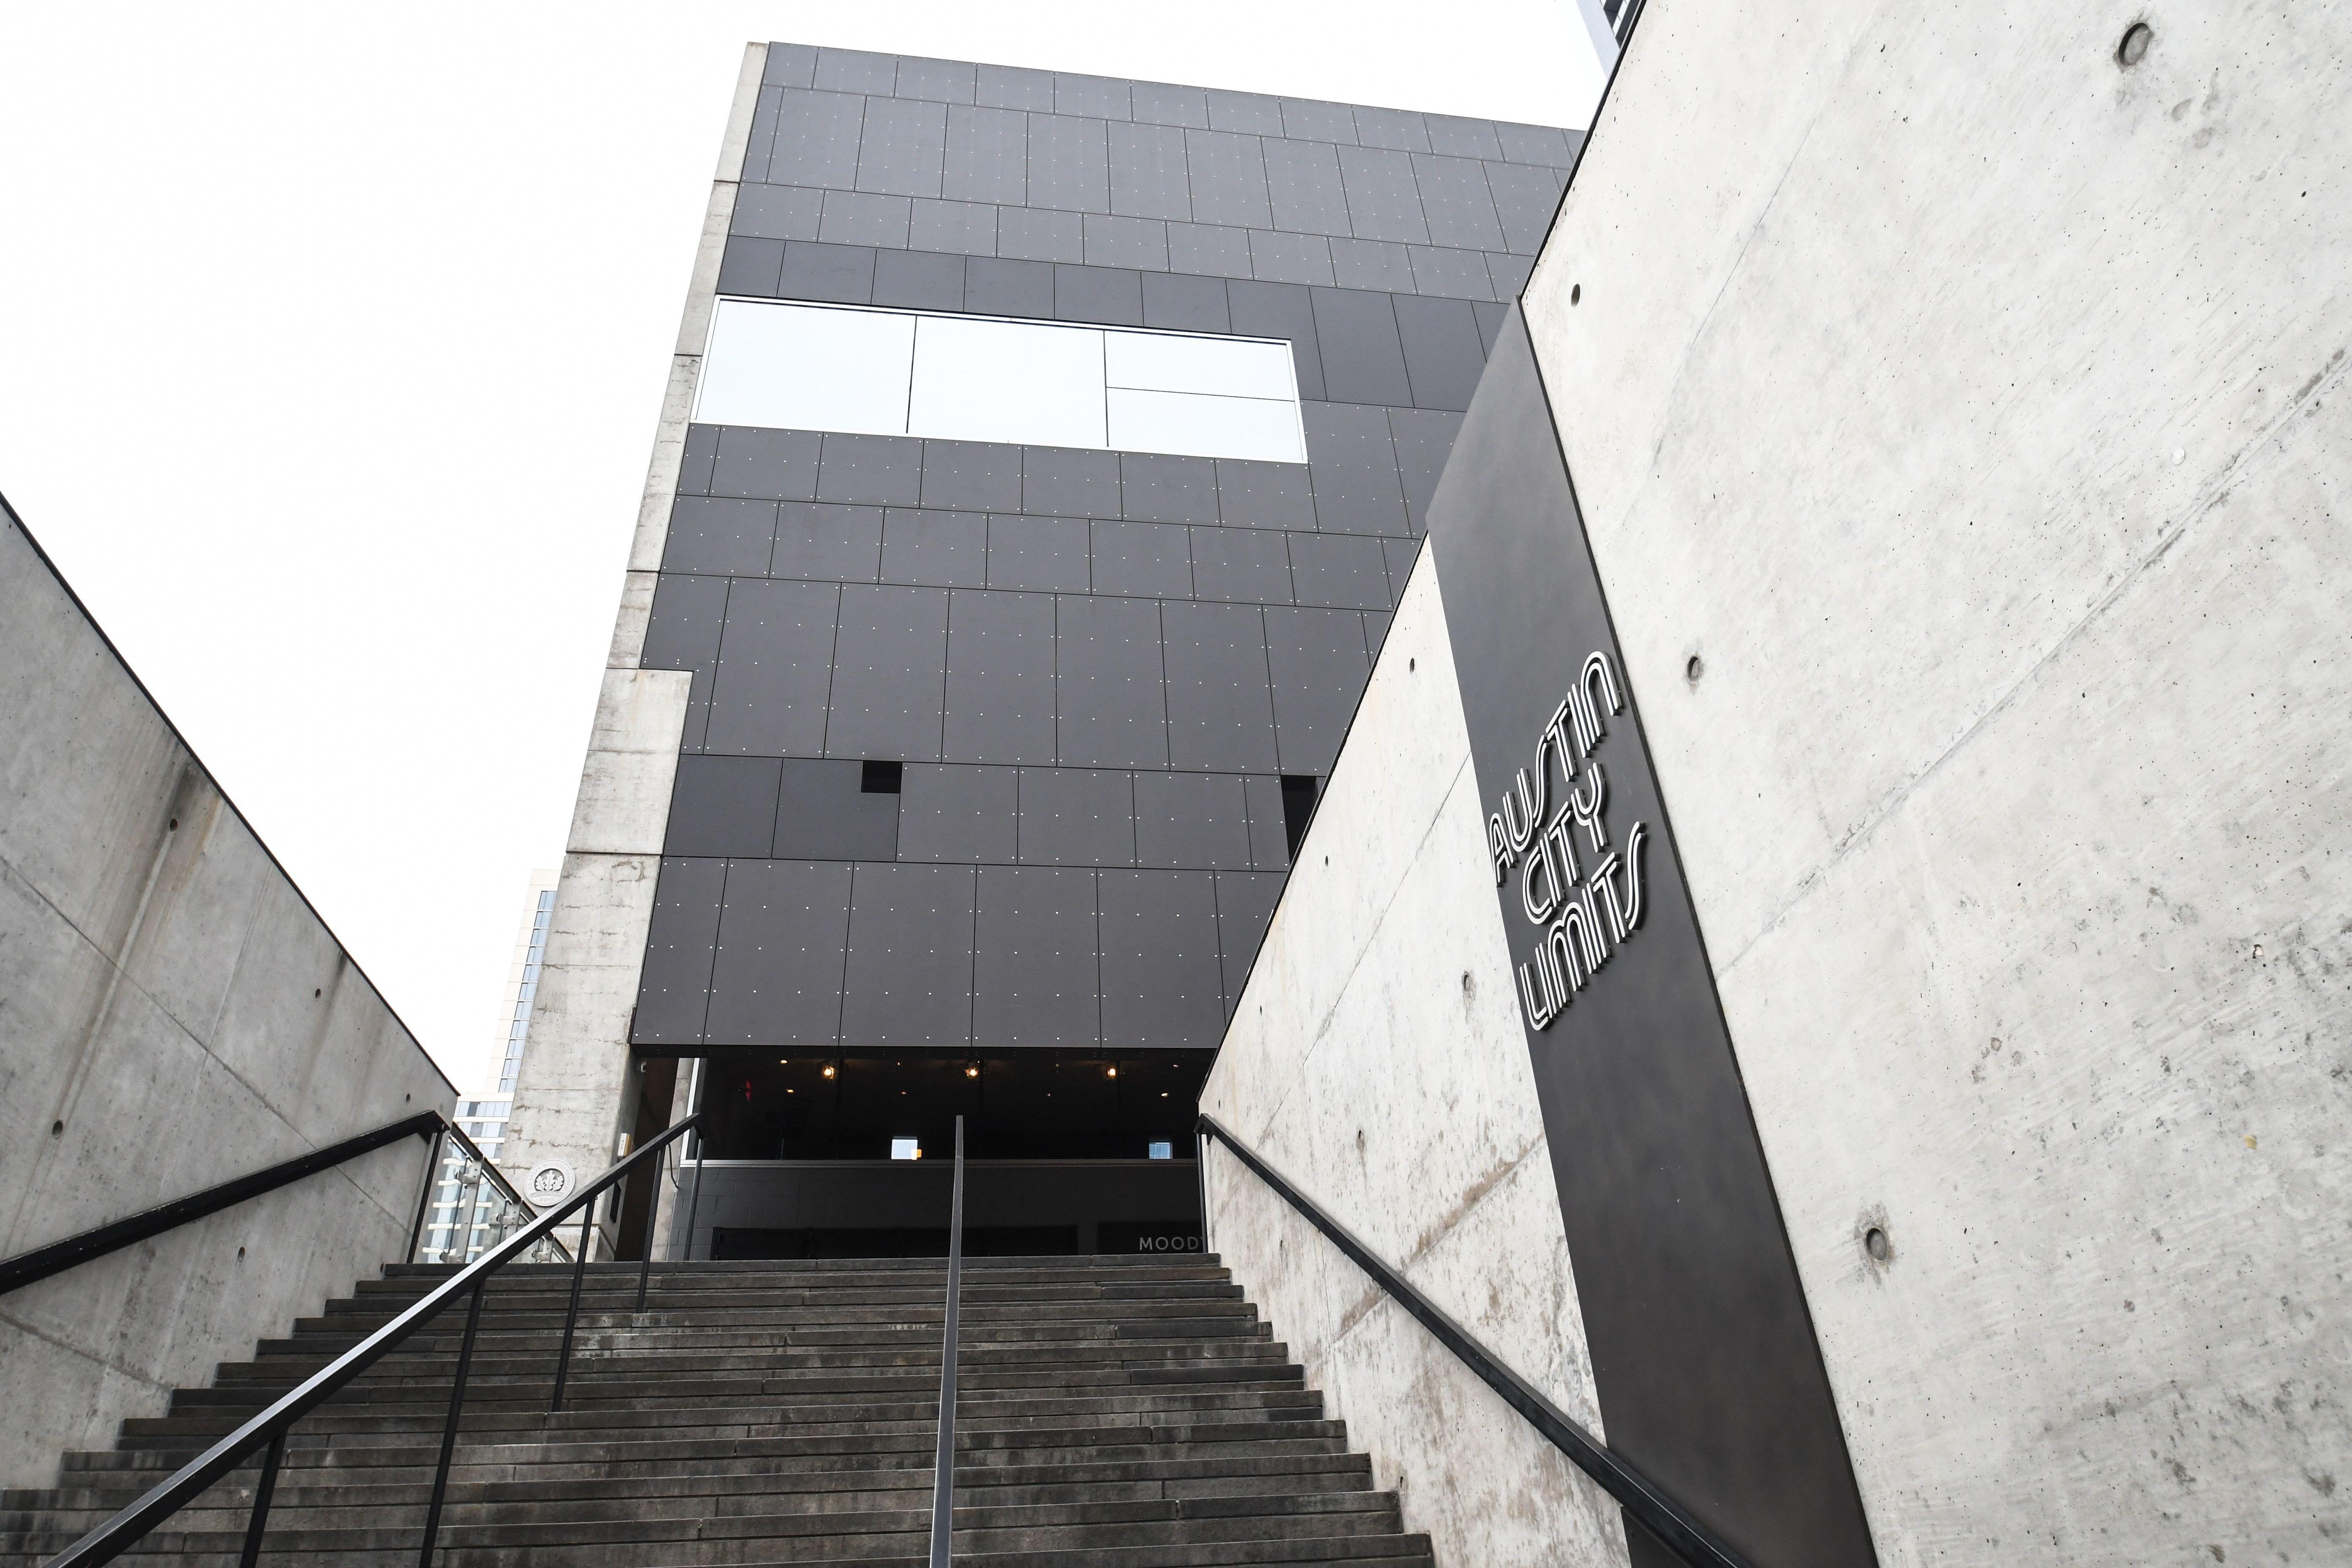 Escaleras hasta el Teatro Moody